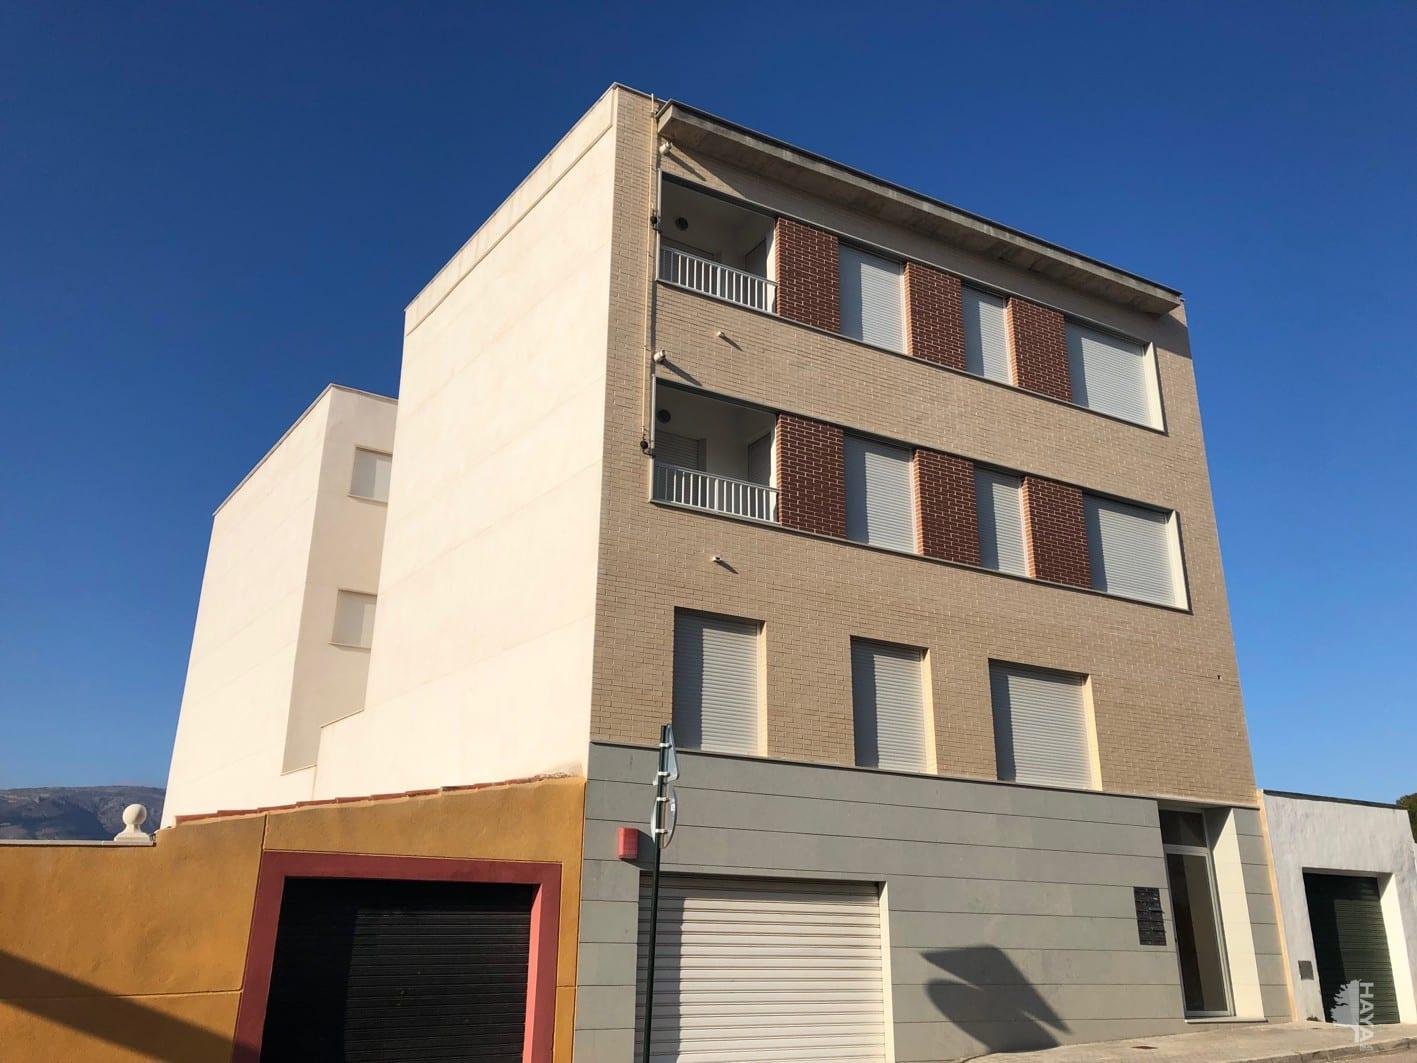 Piso en venta en Viaducte, Alcoy/alcoi, Alicante, Calle San Juan de Ribera, 71.000 €, 2 habitaciones, 1 baño, 66 m2